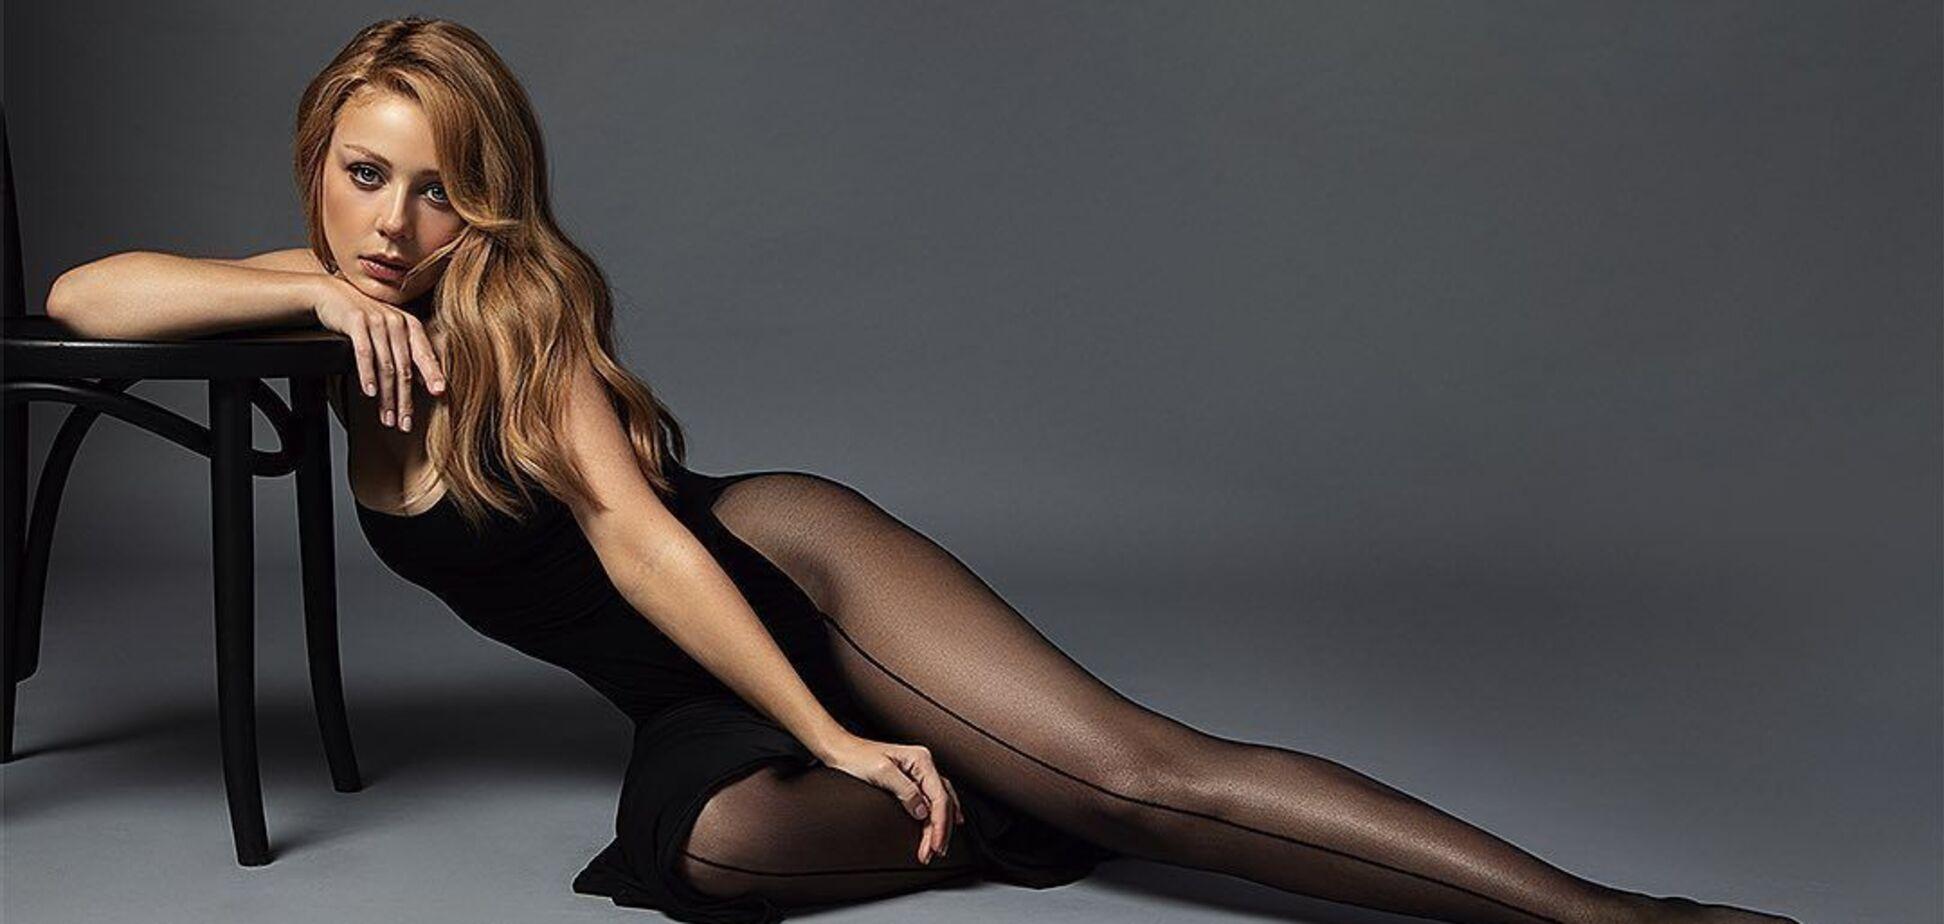 Тина Кароль объявила об отмене своих концертов